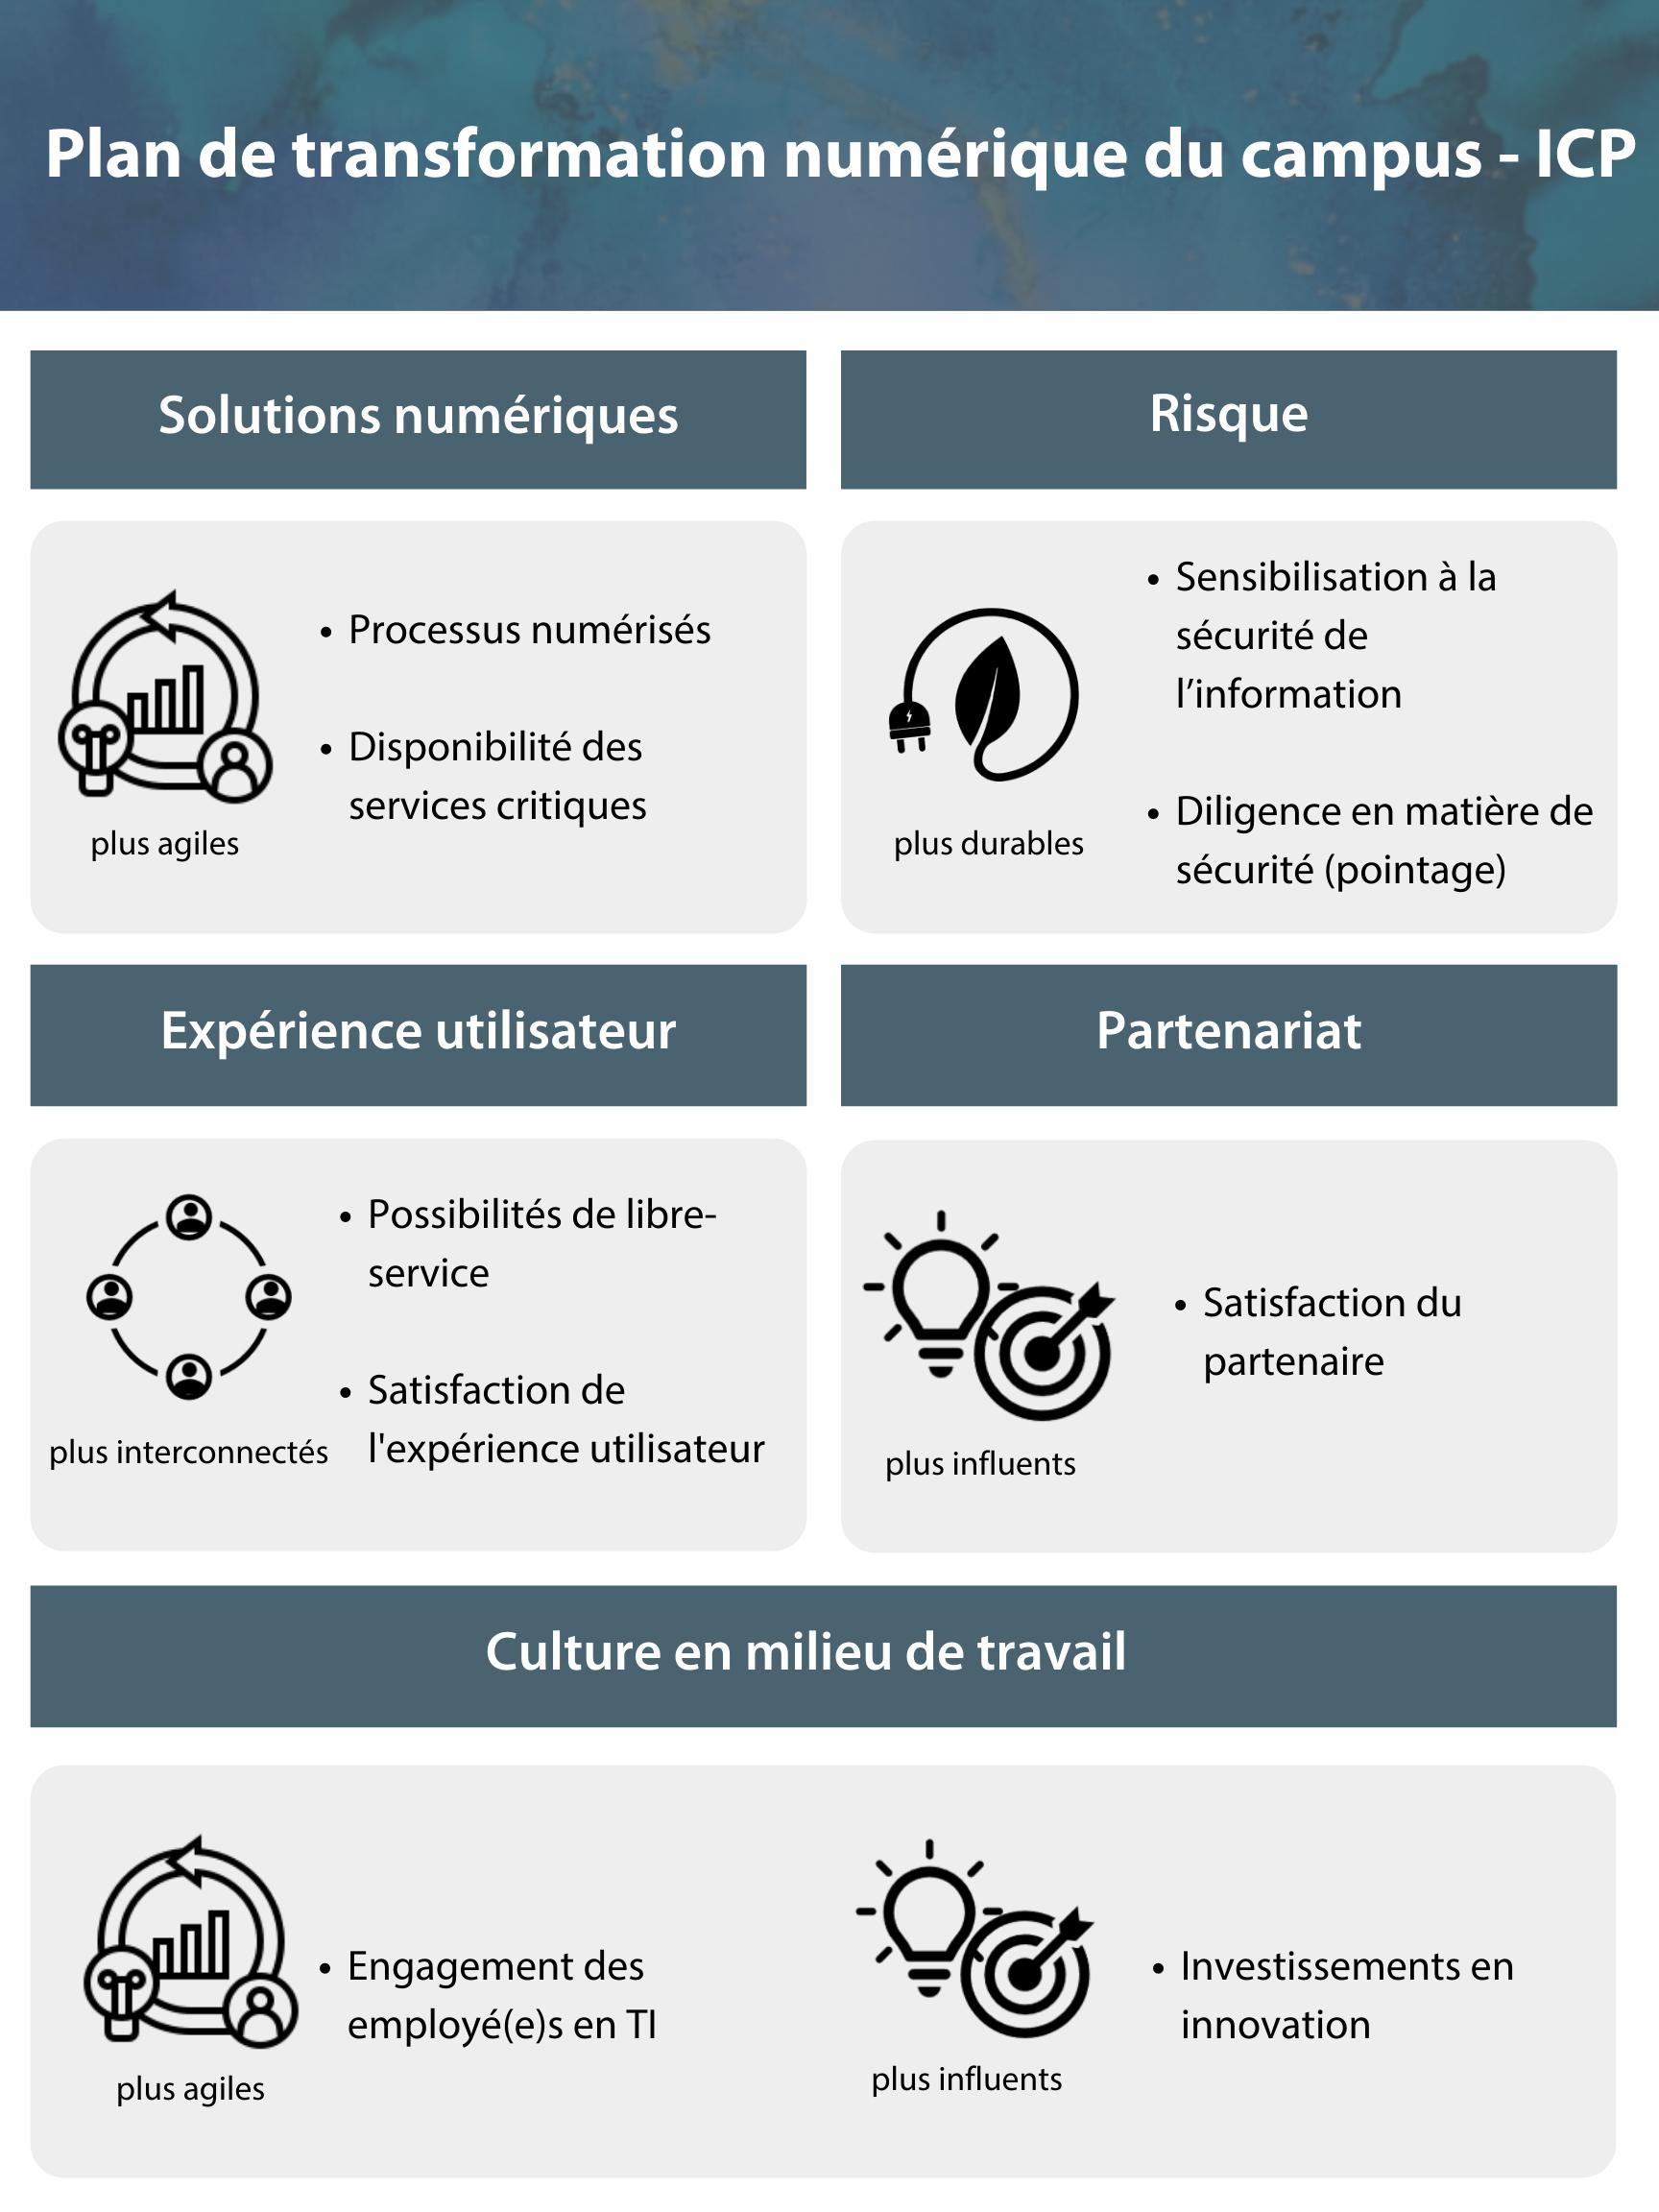 Plan de transformation numérique du campus – ICP. Solutions numériques, risque, expérience utilisateur, partenariats, satisfaction du partenaire, culture en milieu de travail, engagement des employé(e)s en TI, et investissements en innovation.